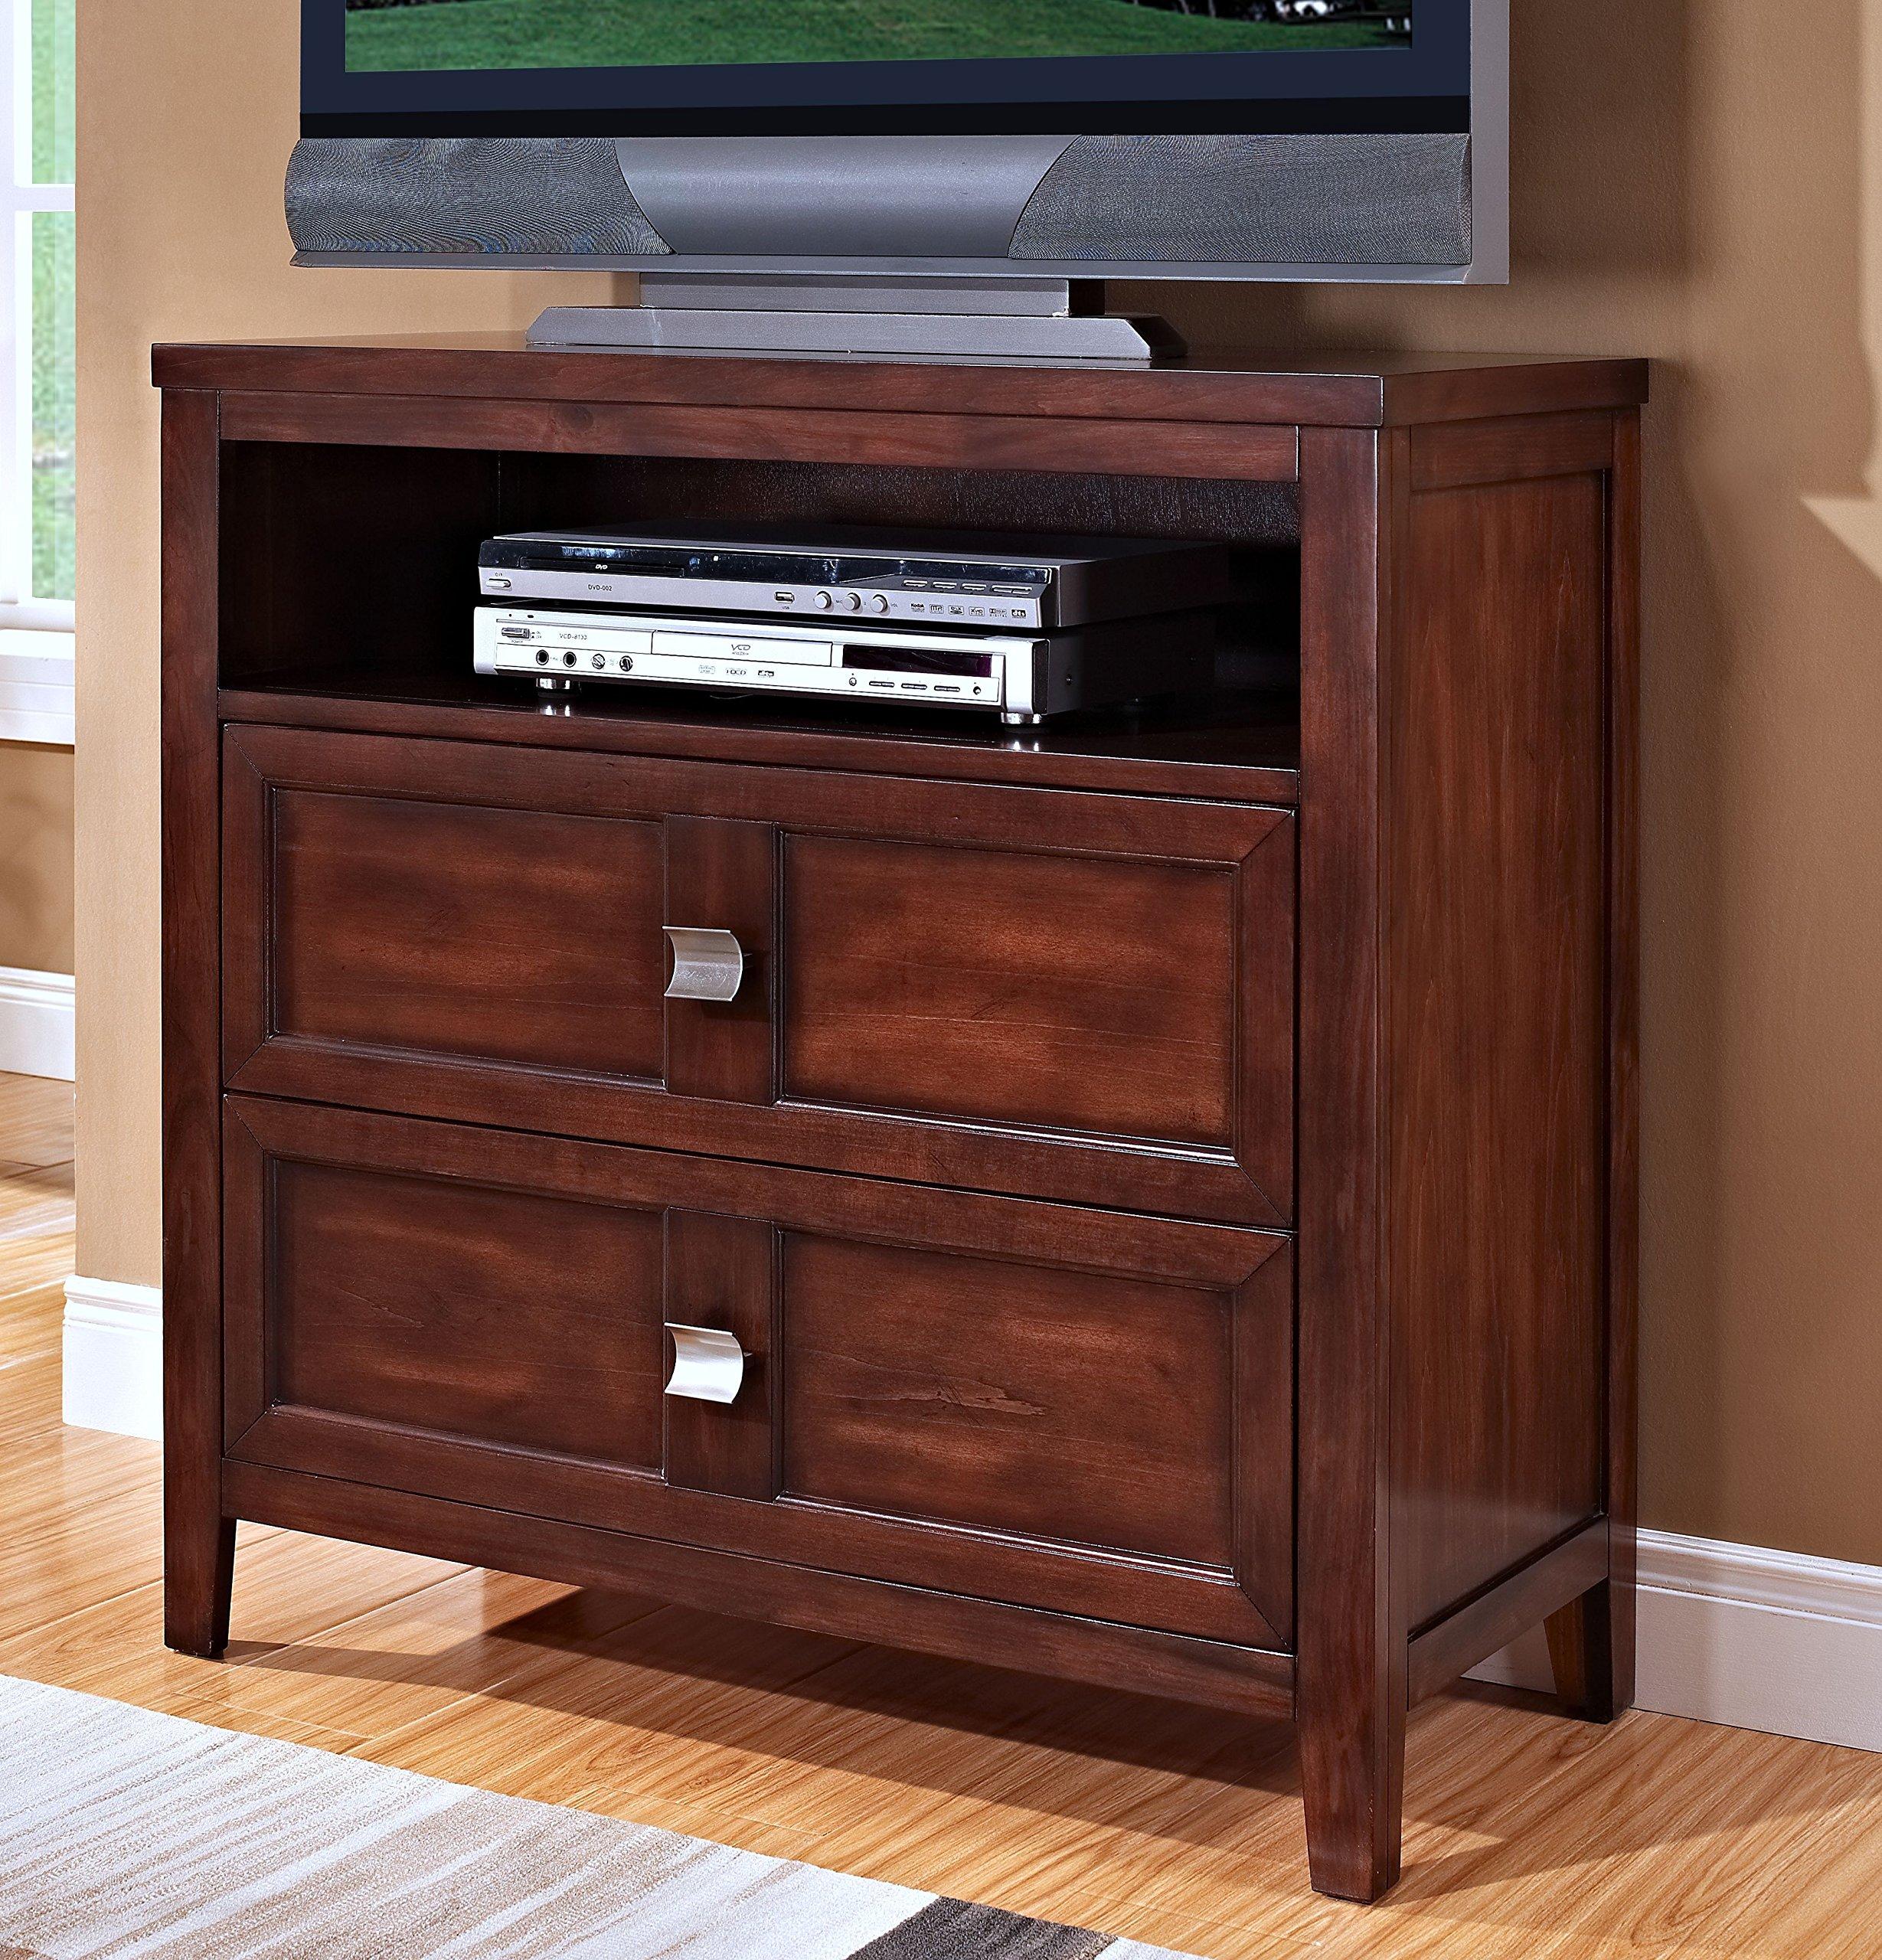 New Classic 00-143-078 Garrett Media Chest, Chestnut